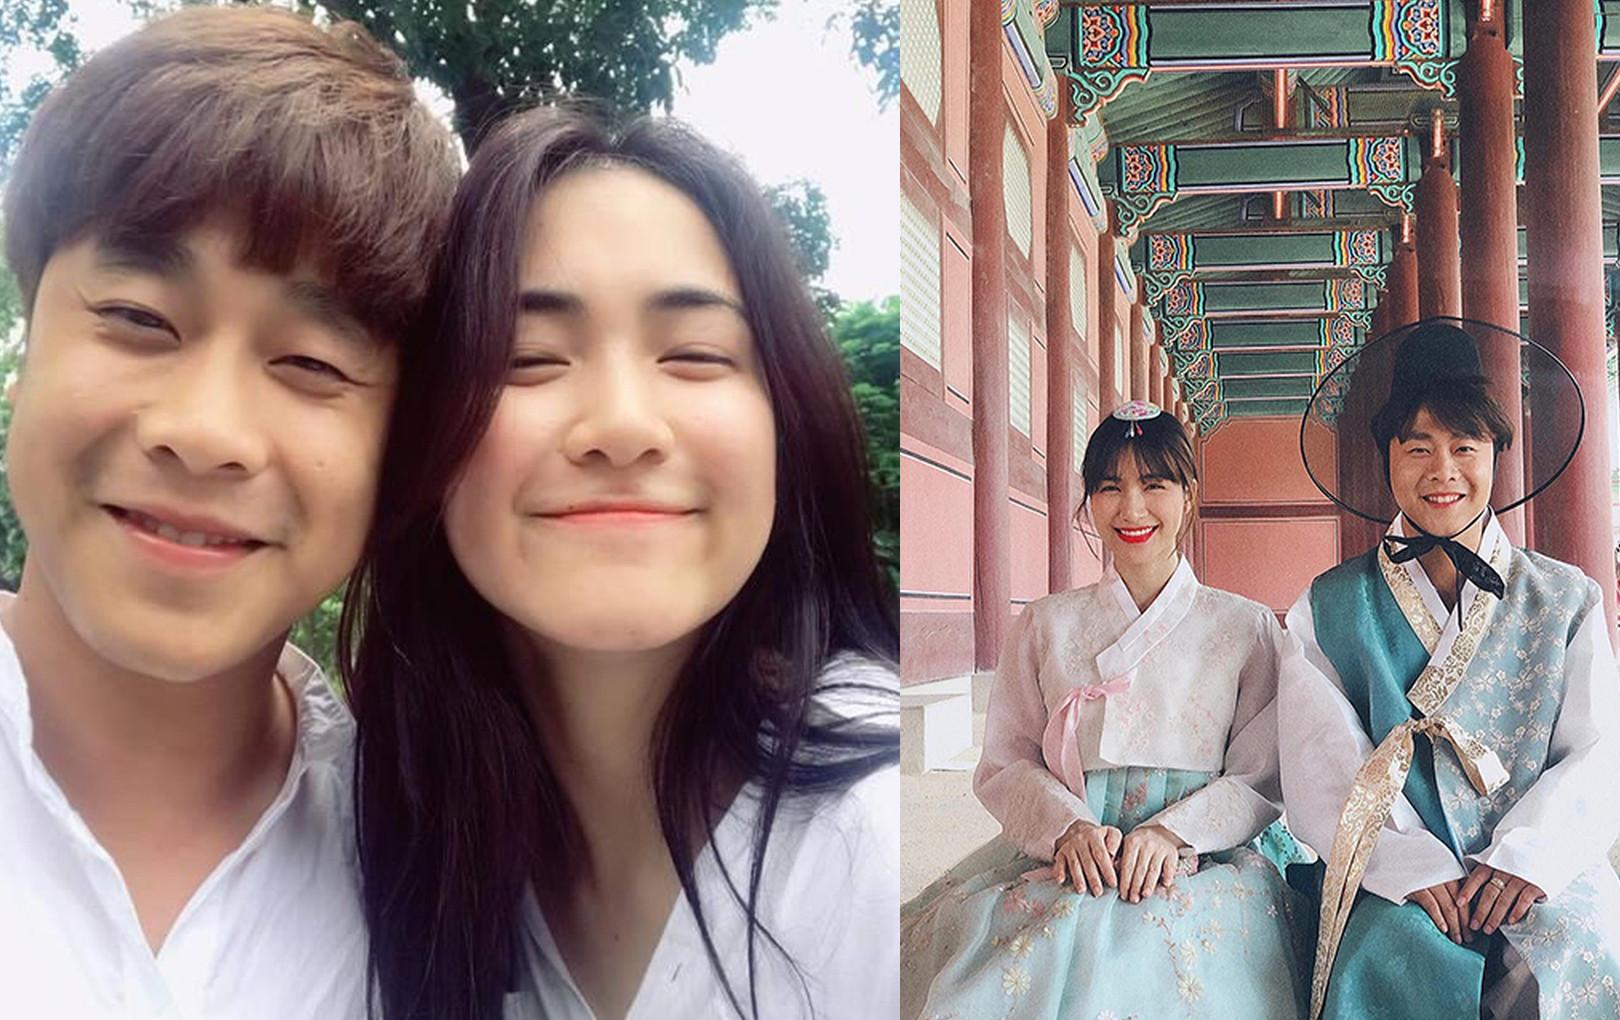 Hòa Minzy táo bạo chia sẻ chuyện phòng the nhạy cảm với bạn trai thiếu gia